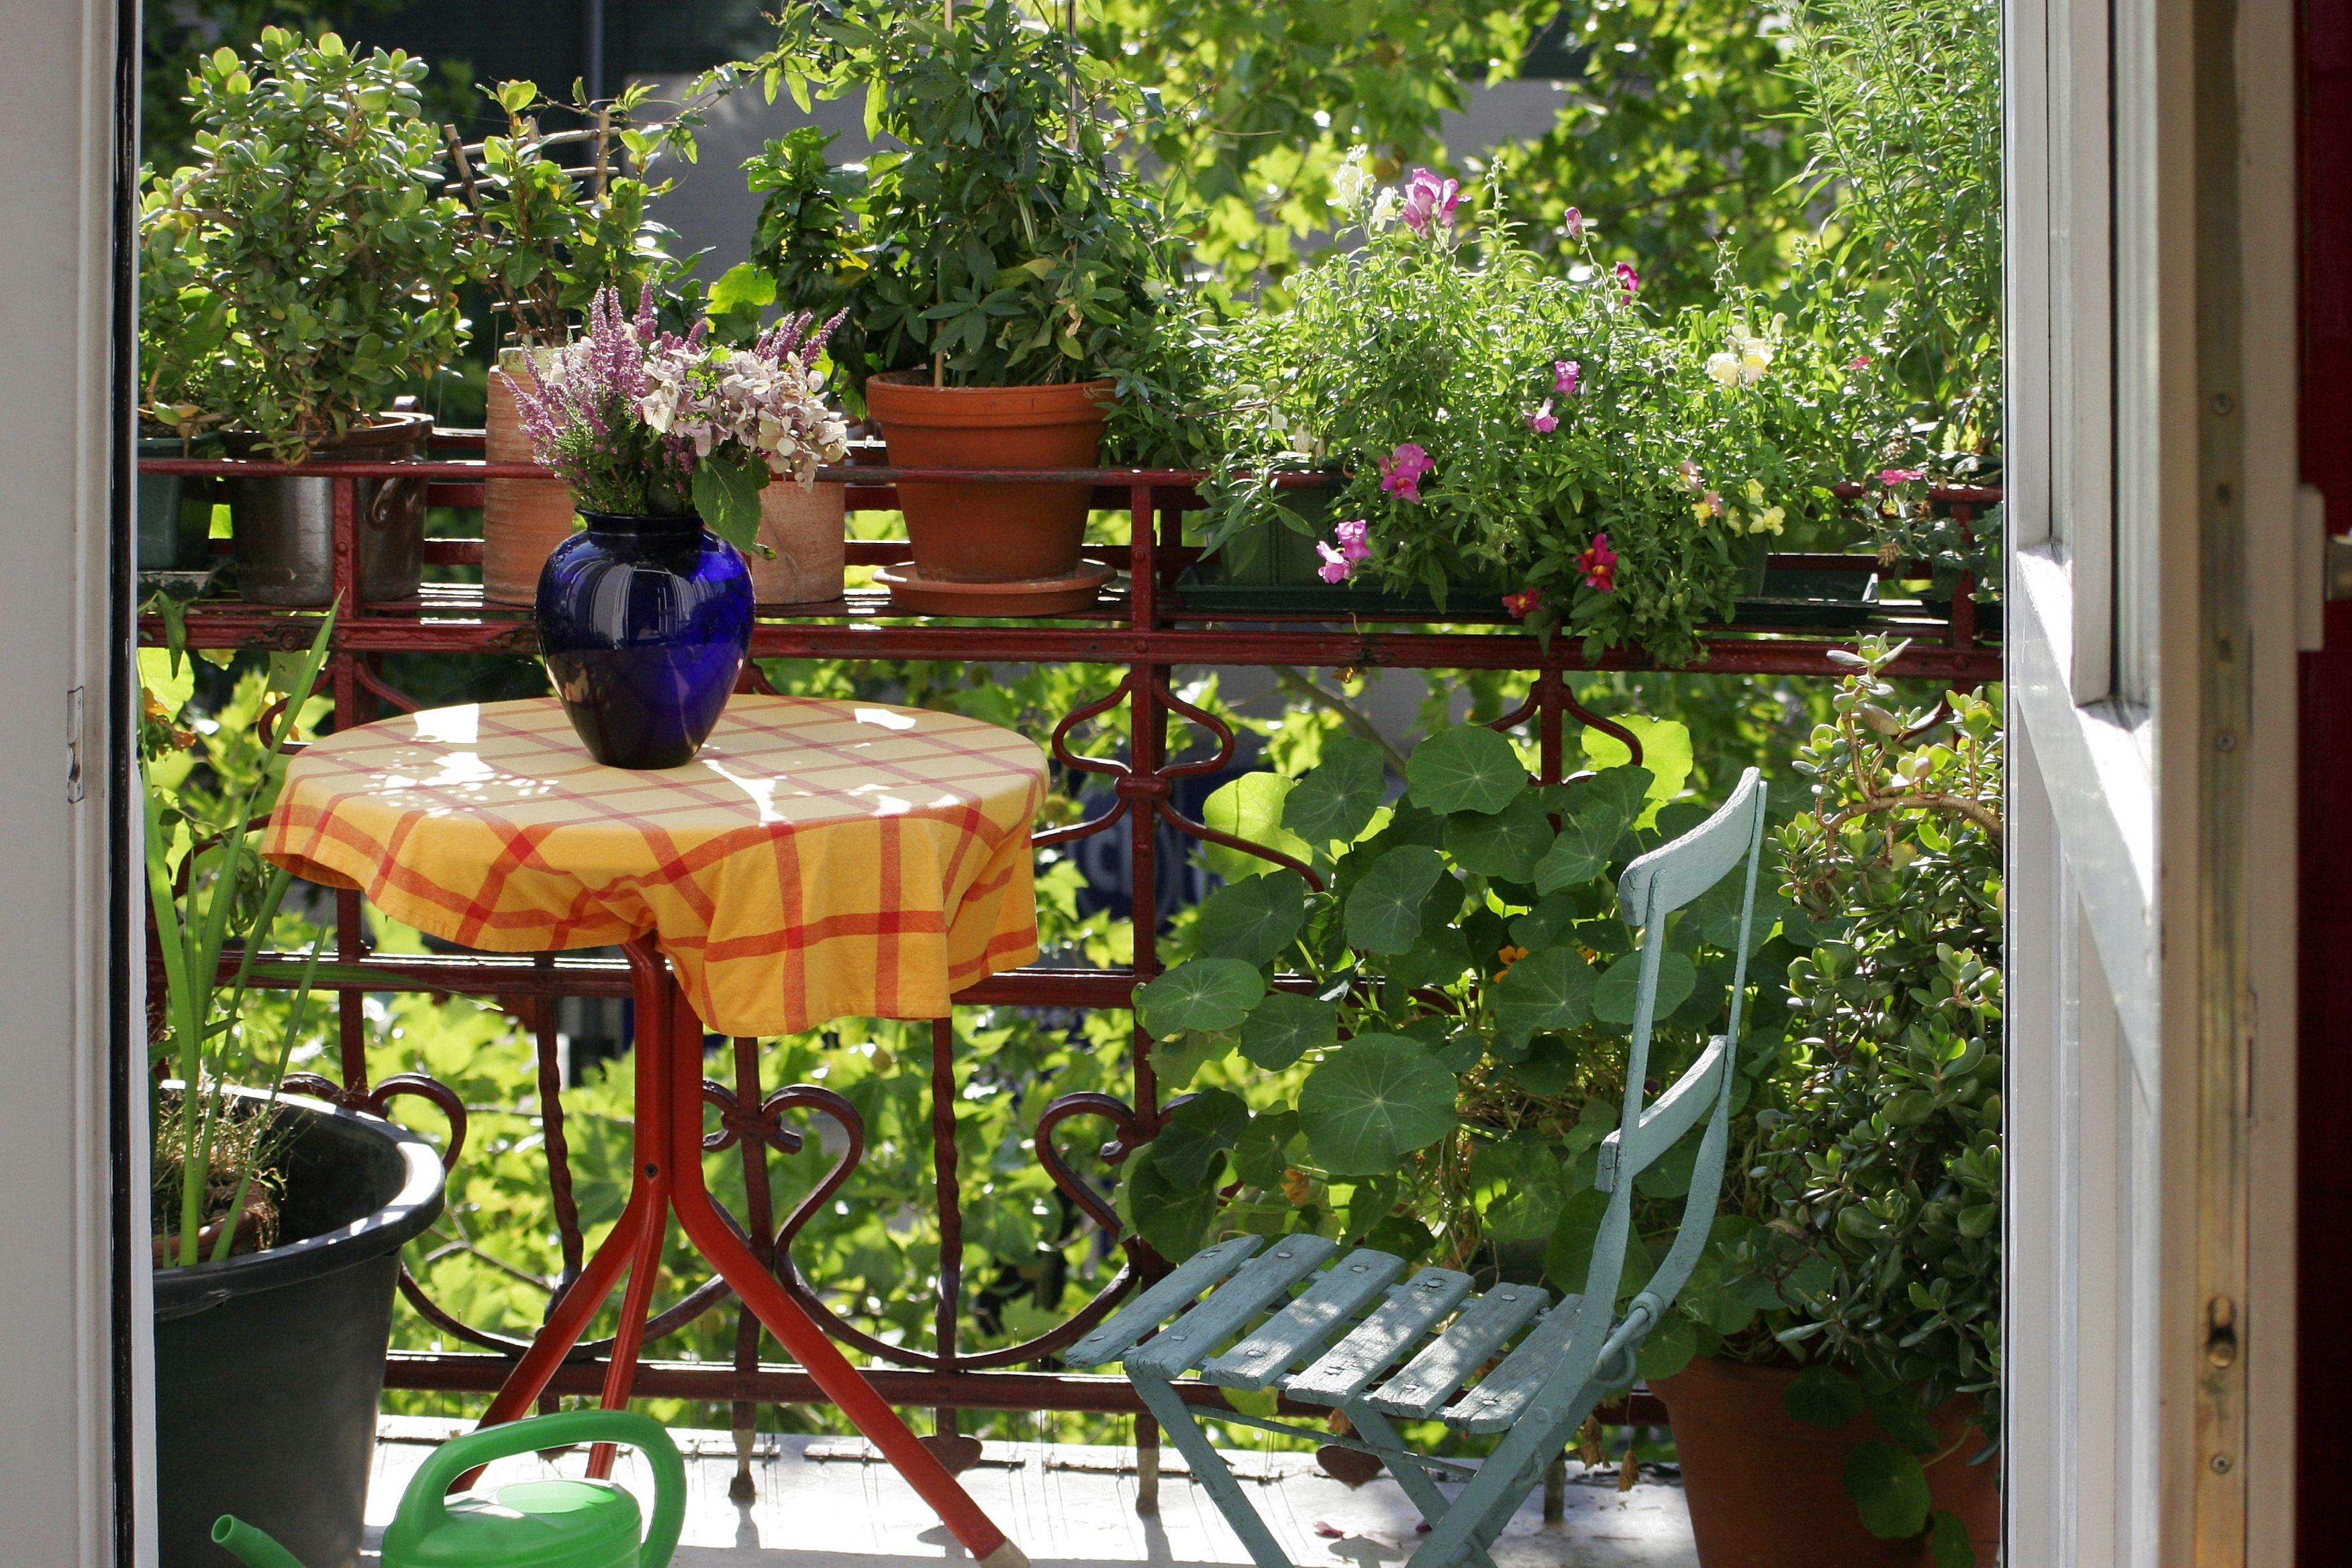 Idee Deco Jardin Fleuri | Une Chaise Percée Une Bassine émaillée Des ...